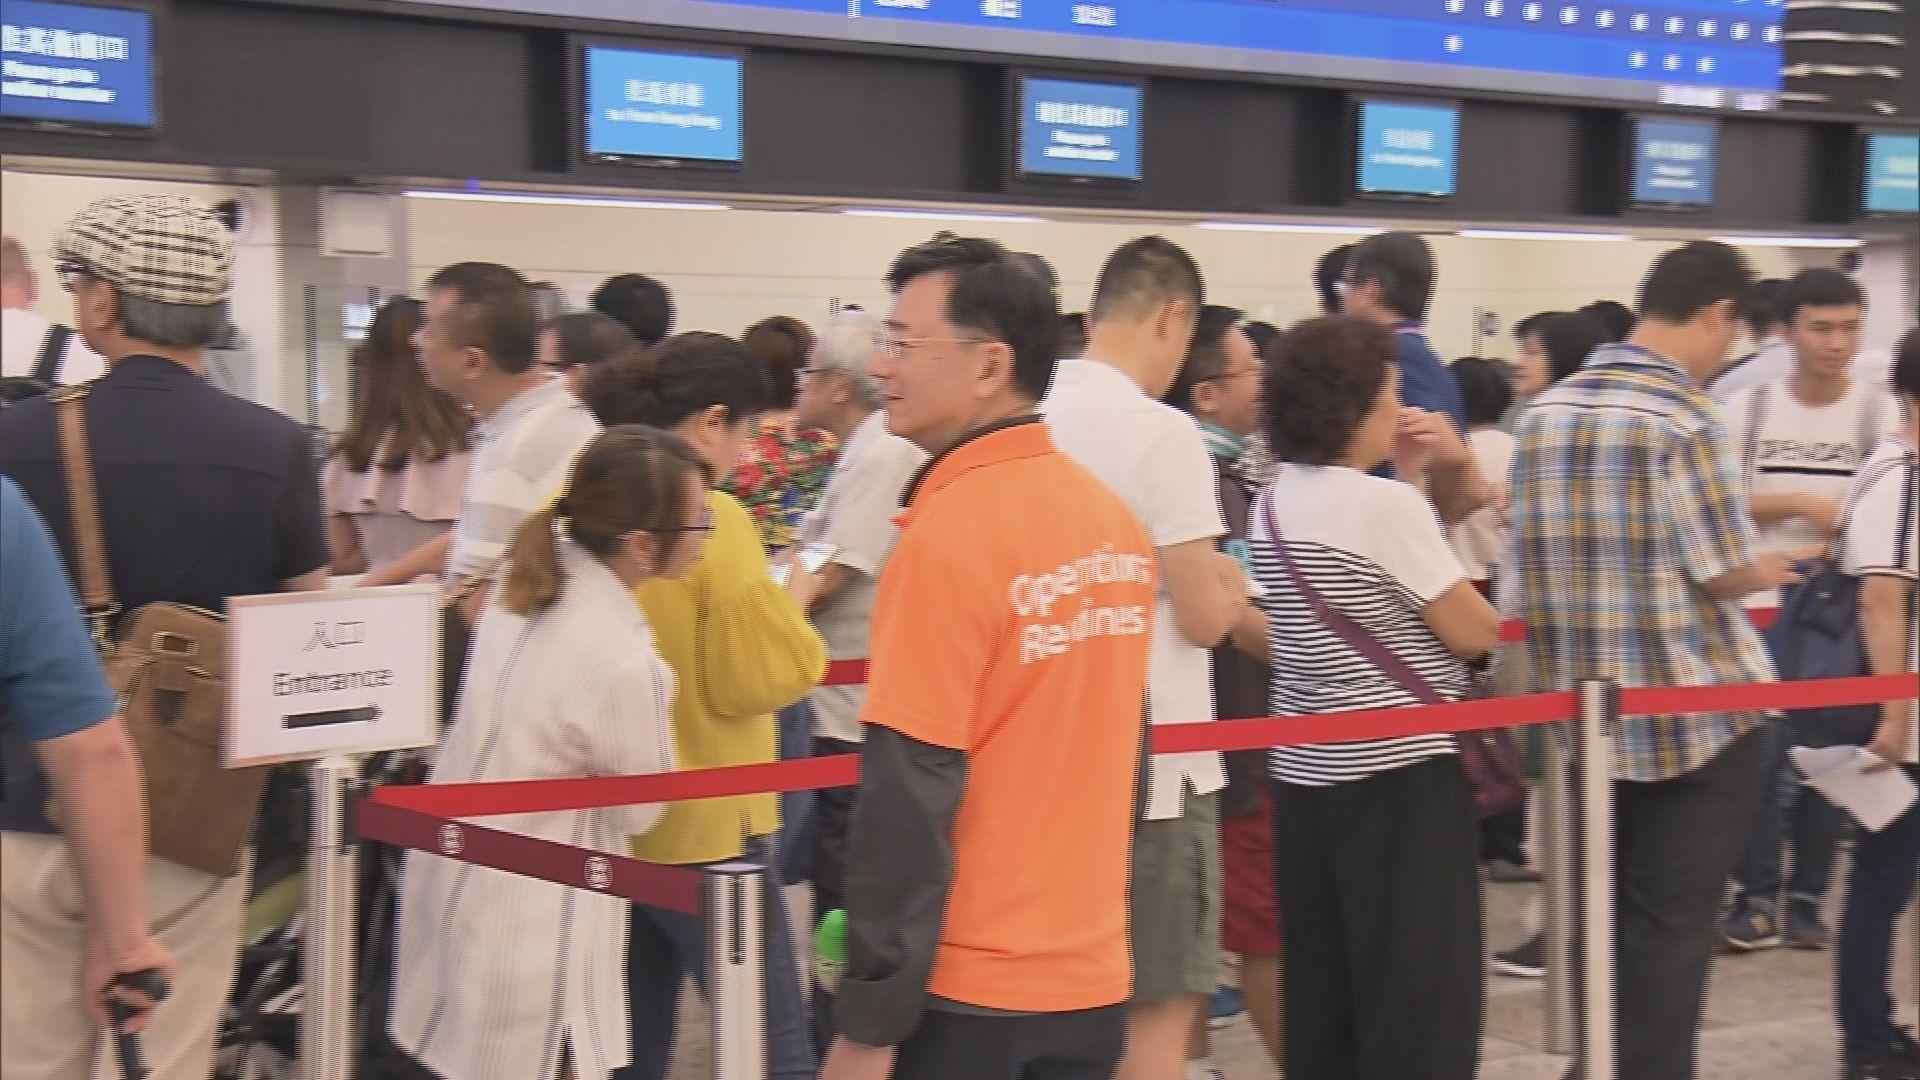 林鄭:已督促港鐵與旅行社配合推售高鐵車票